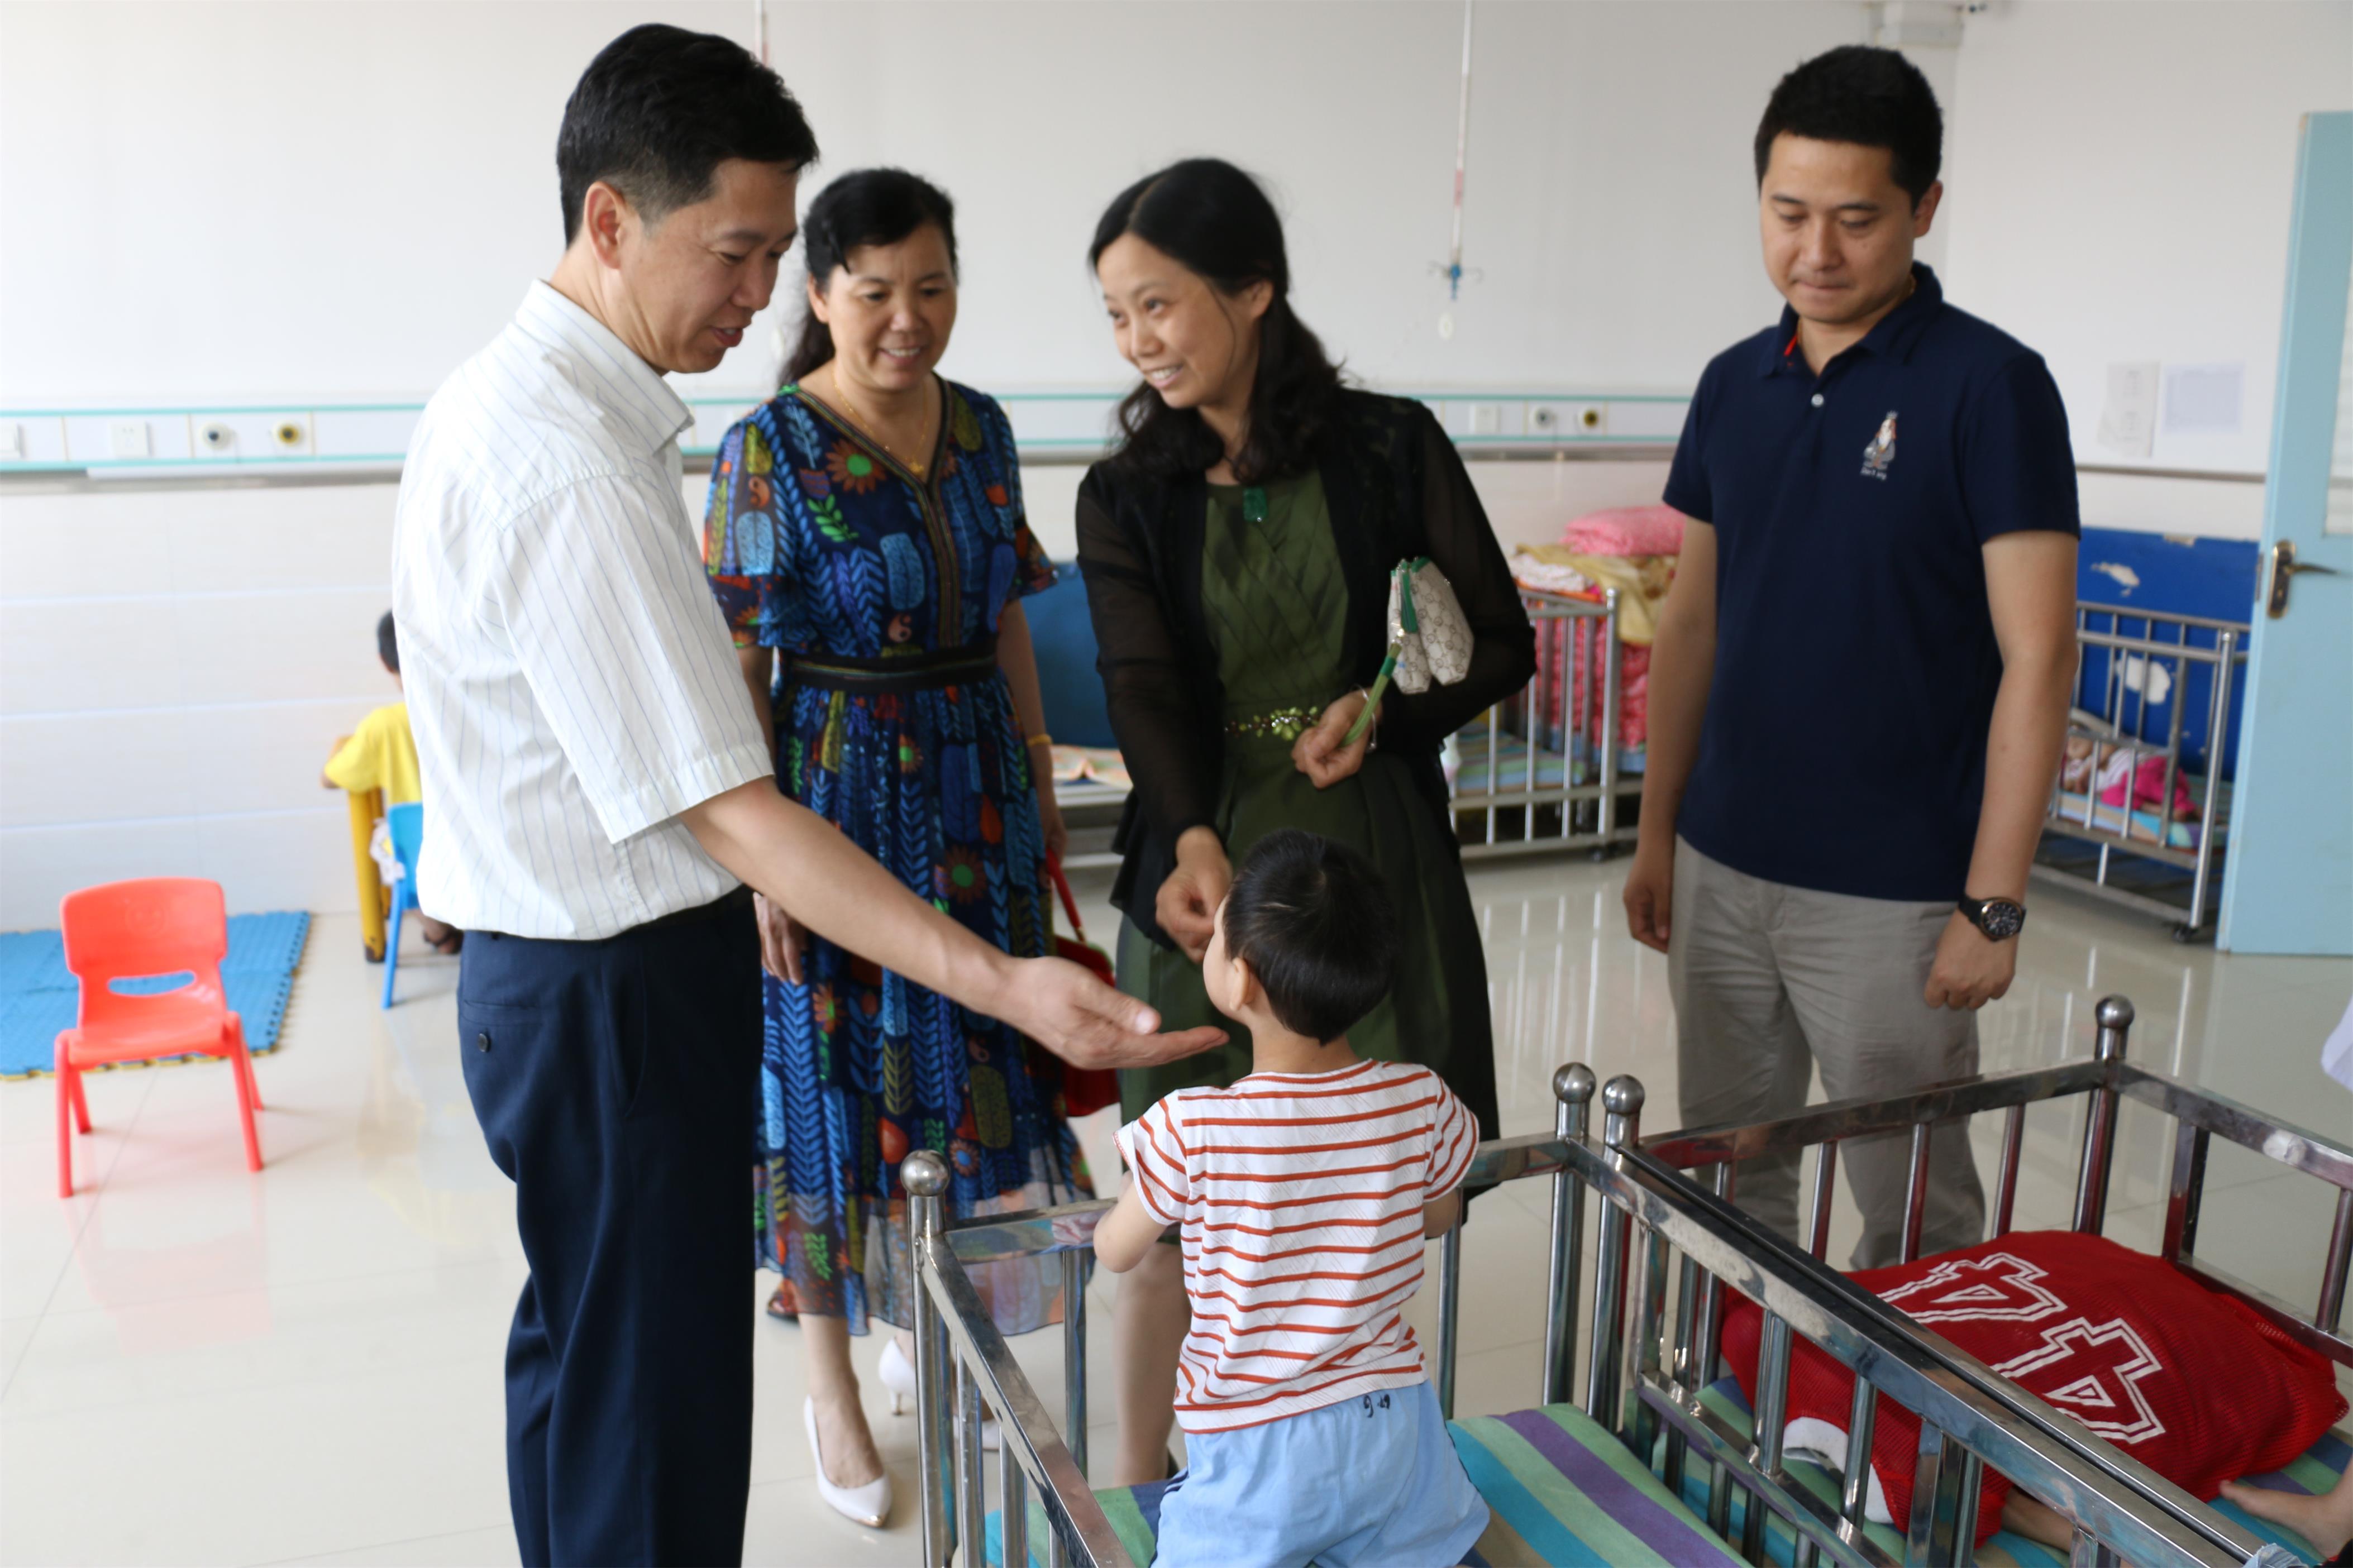 关爱孤残儿童 我们共同努力——福利中心端午节前看望在外康复治疗儿童